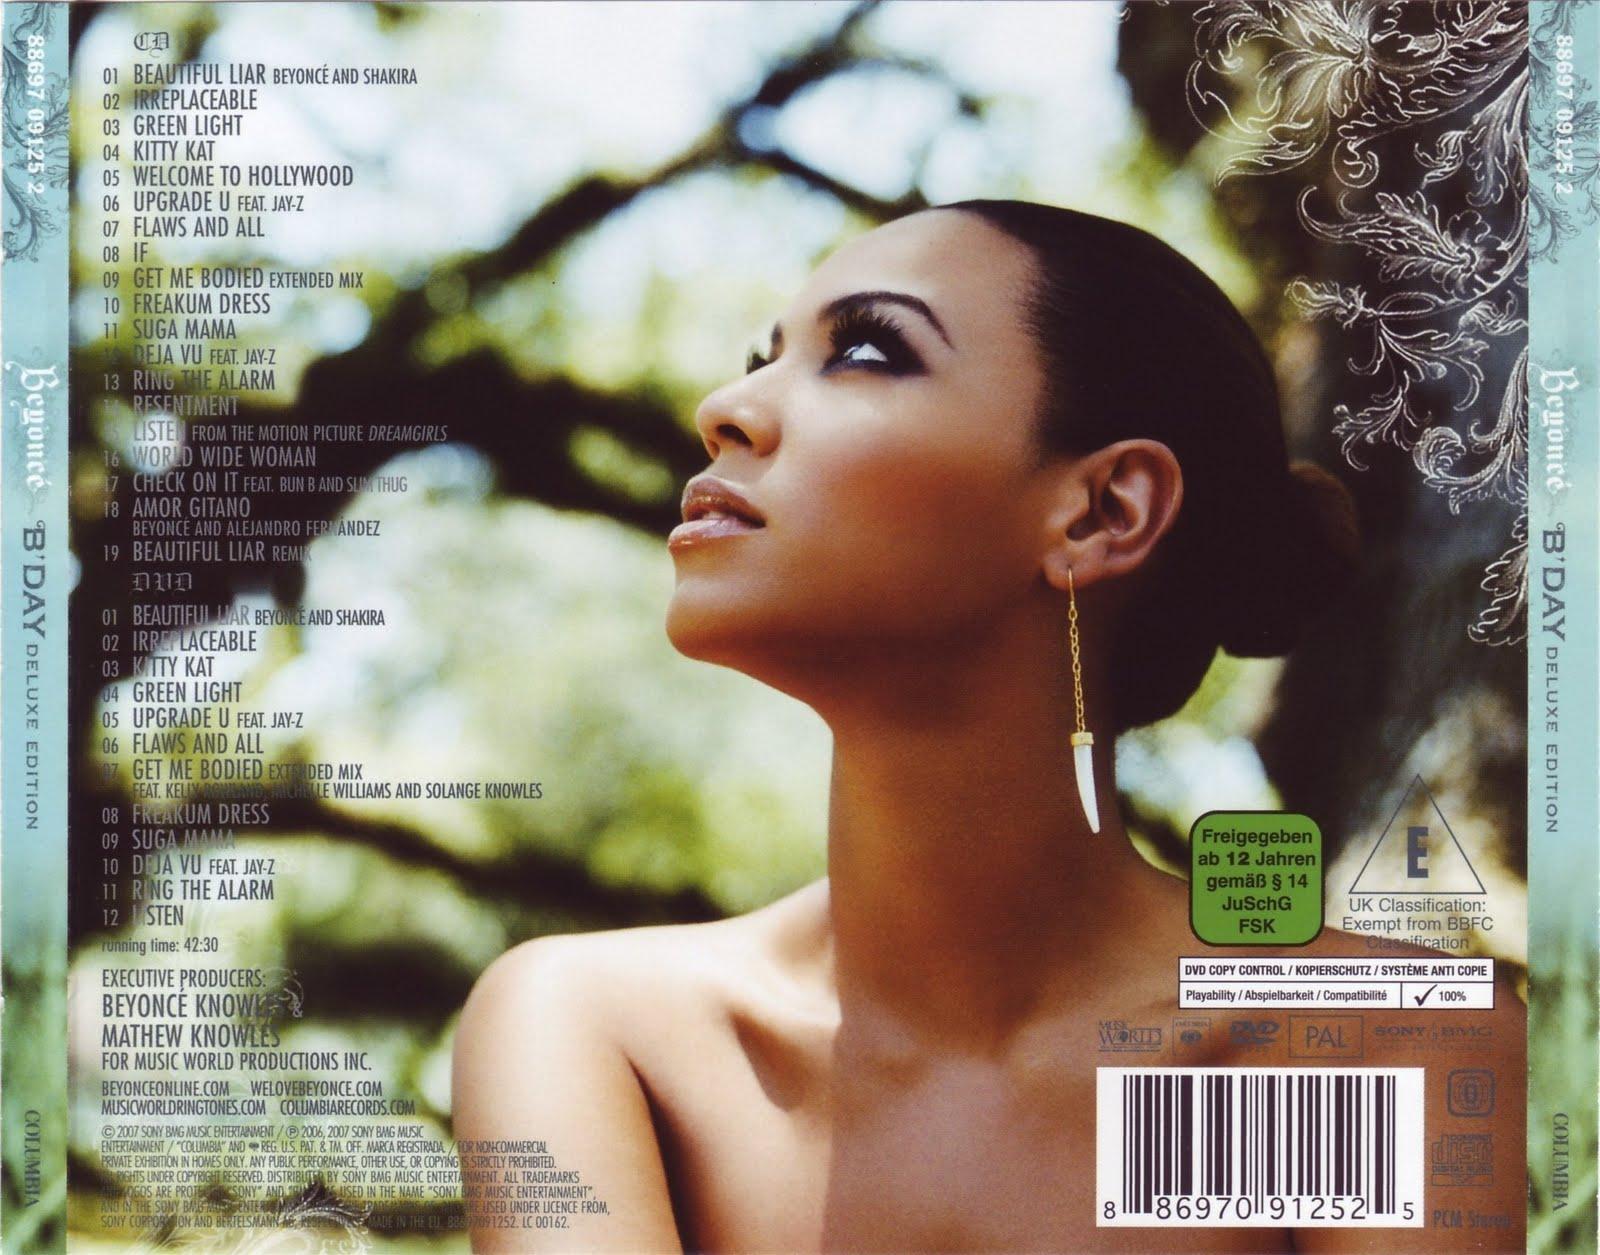 Beyoncu00e9 DOWNLOAD - CD - Beyoncu00e9 - Bu0026#39;Day Deluxe Edition